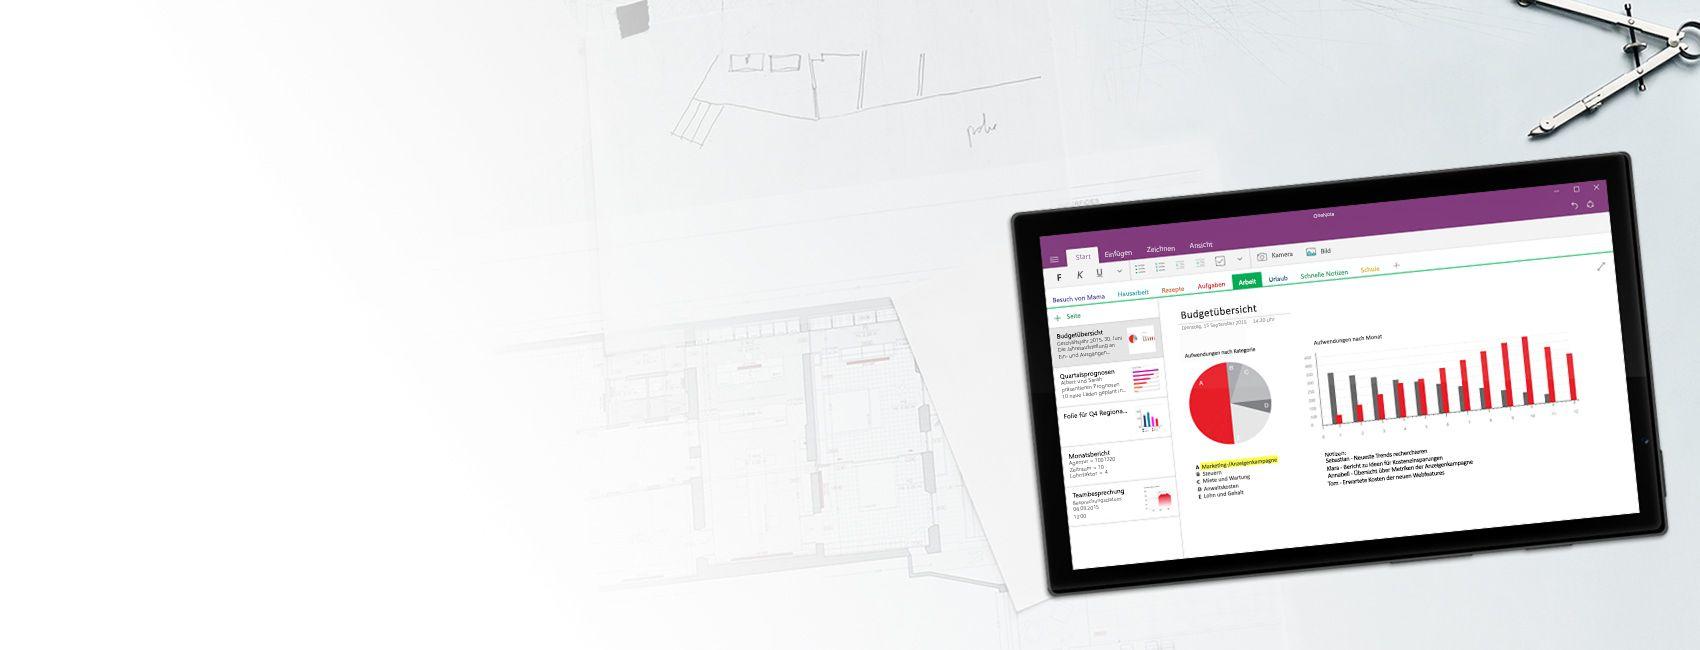 Windows-Tablet mit einem OneNote-Notizbuch mit Budgetplan-Diagrammen